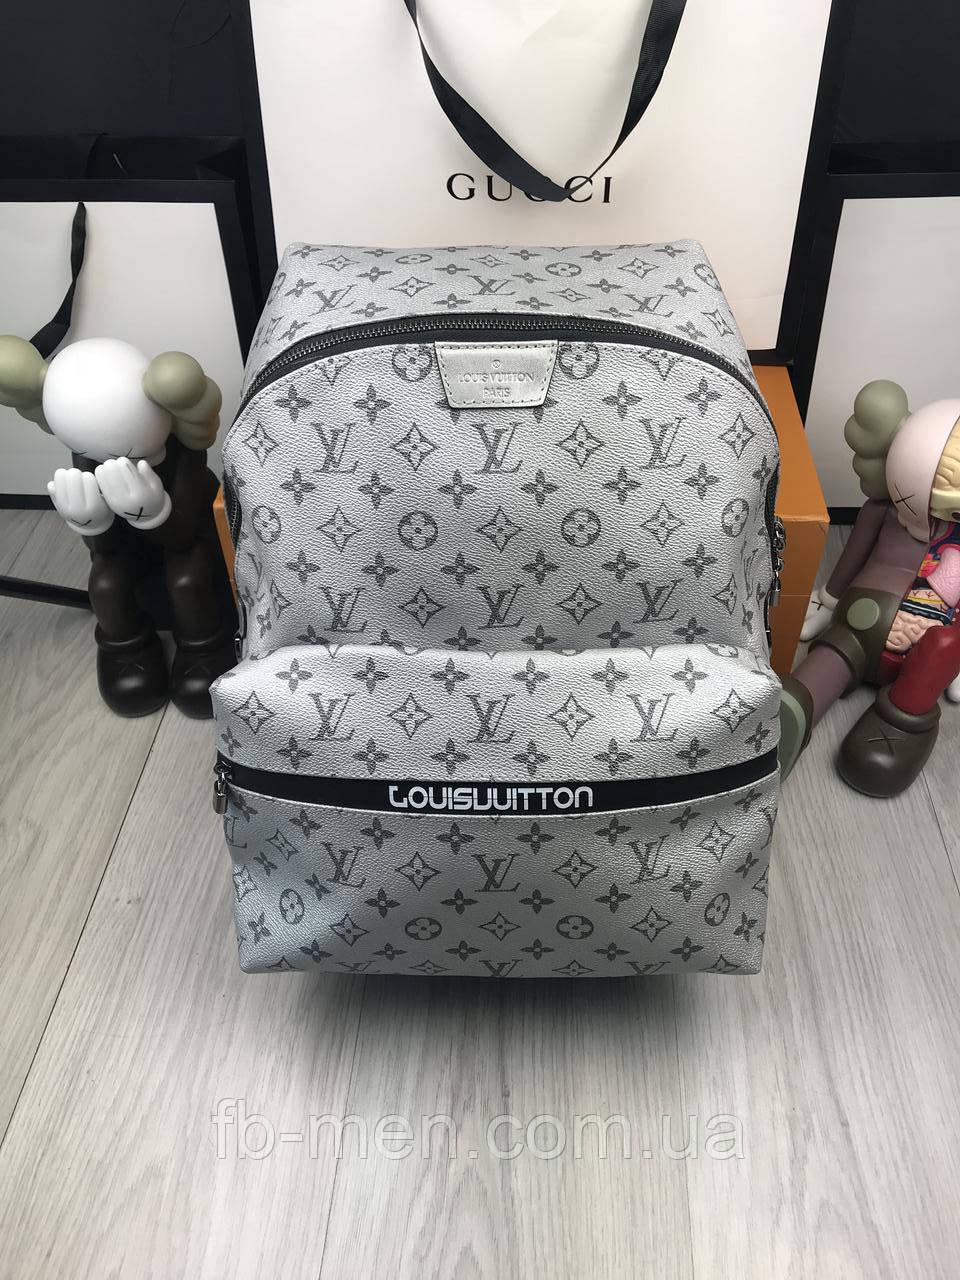 Рюкзак белый Луи Виттон |Кожаный рюкзак ручная кладь Луи Виттон | Большой Луи Виттон серебристый